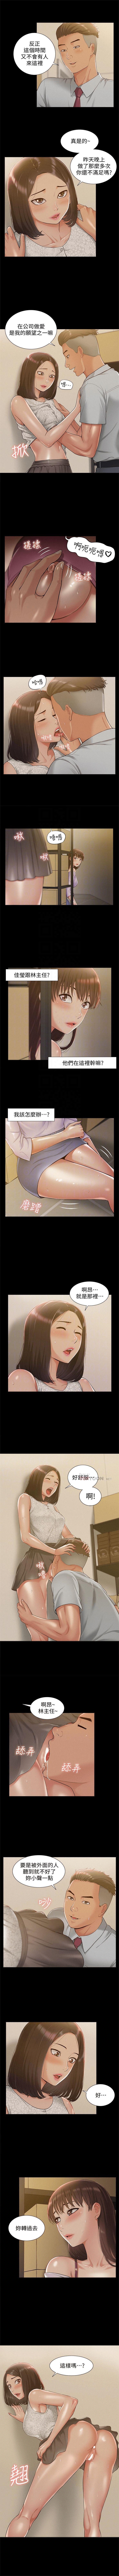 (週4)難言之隱 1-24 中文翻譯(更新中) 70